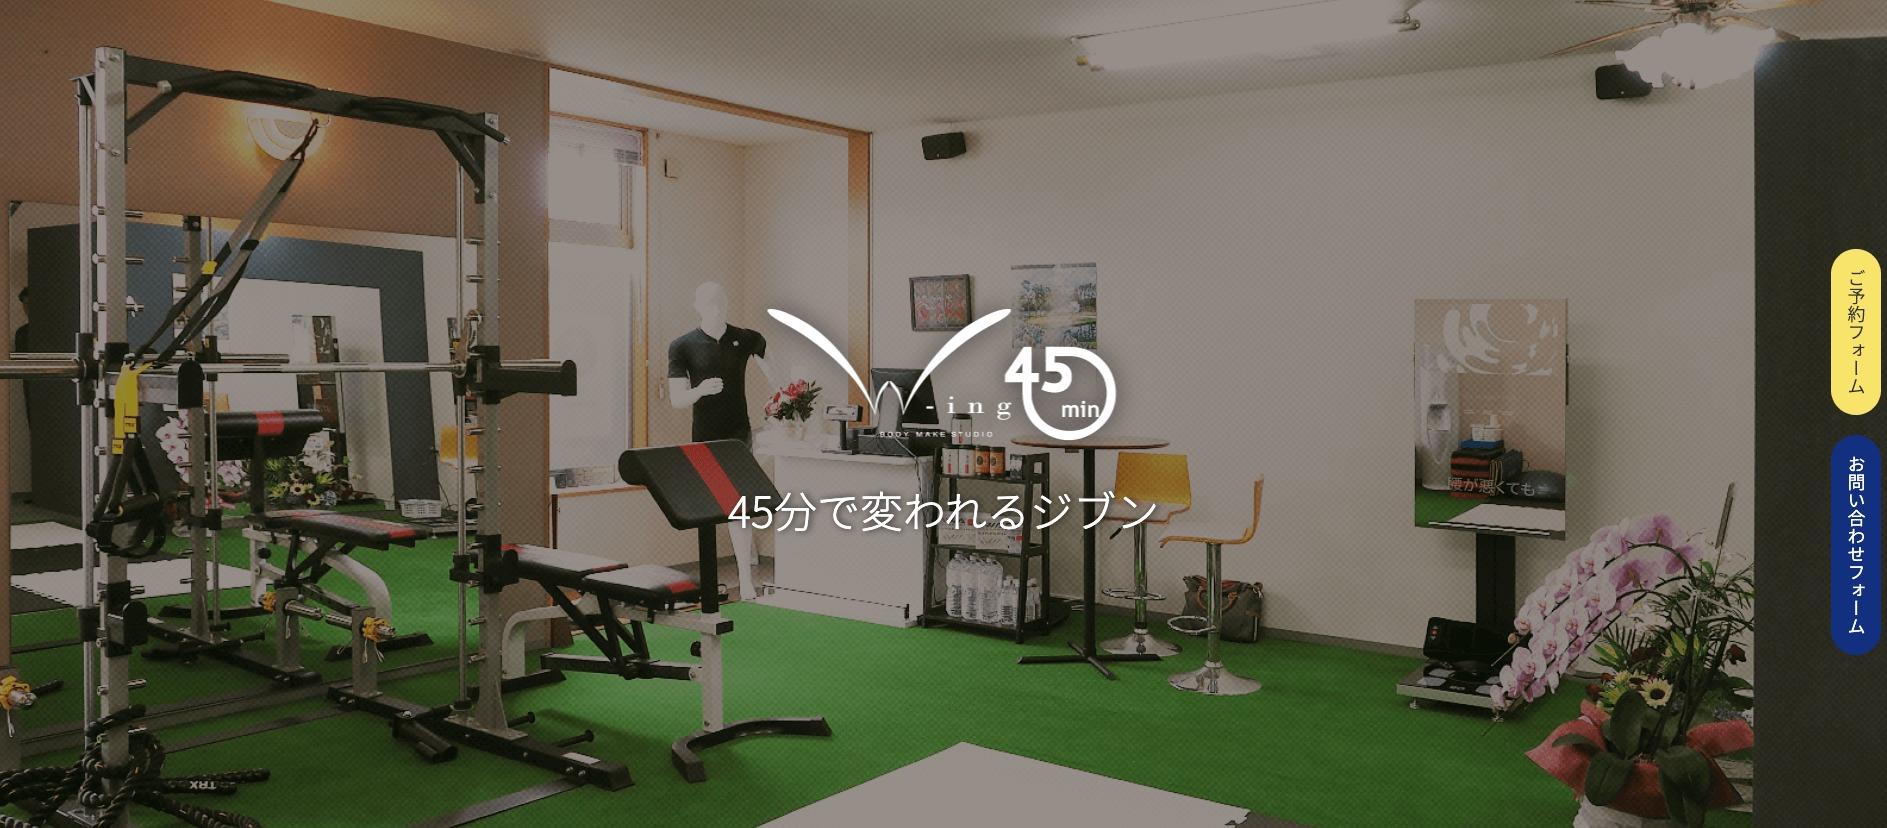 W-ing45  整体&パーソナルトレーニングジム